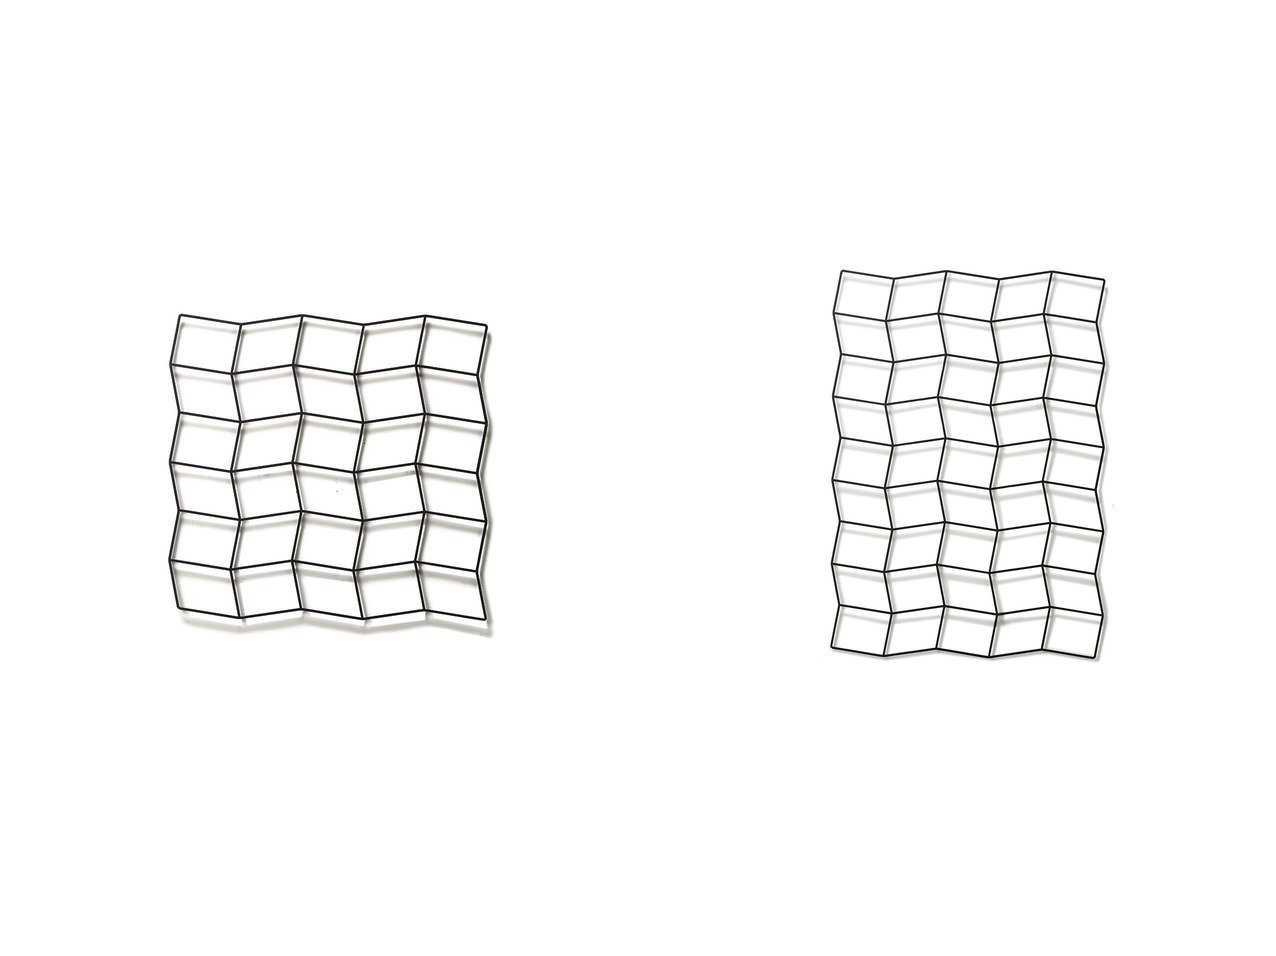 【Sugiyama Seisakusho/杉山製作所】のFe Wall Deco ridge 6 × Fe ウォールデコ リッジ 6 × 5&Fe Wall Deco ridge 9 × Fe ウォールデコ リッジ 9 × 5 【FURNITURE】おすすめ!人気、インテリア・家具の通販 おすすめファッション通販アイテム インテリア・キッズ・メンズ・レディースファッション・服の通販 founy(ファニー)  送料無料 Free Shipping フラワー マグネット ブラック系 Black |ID:crp329100000037365